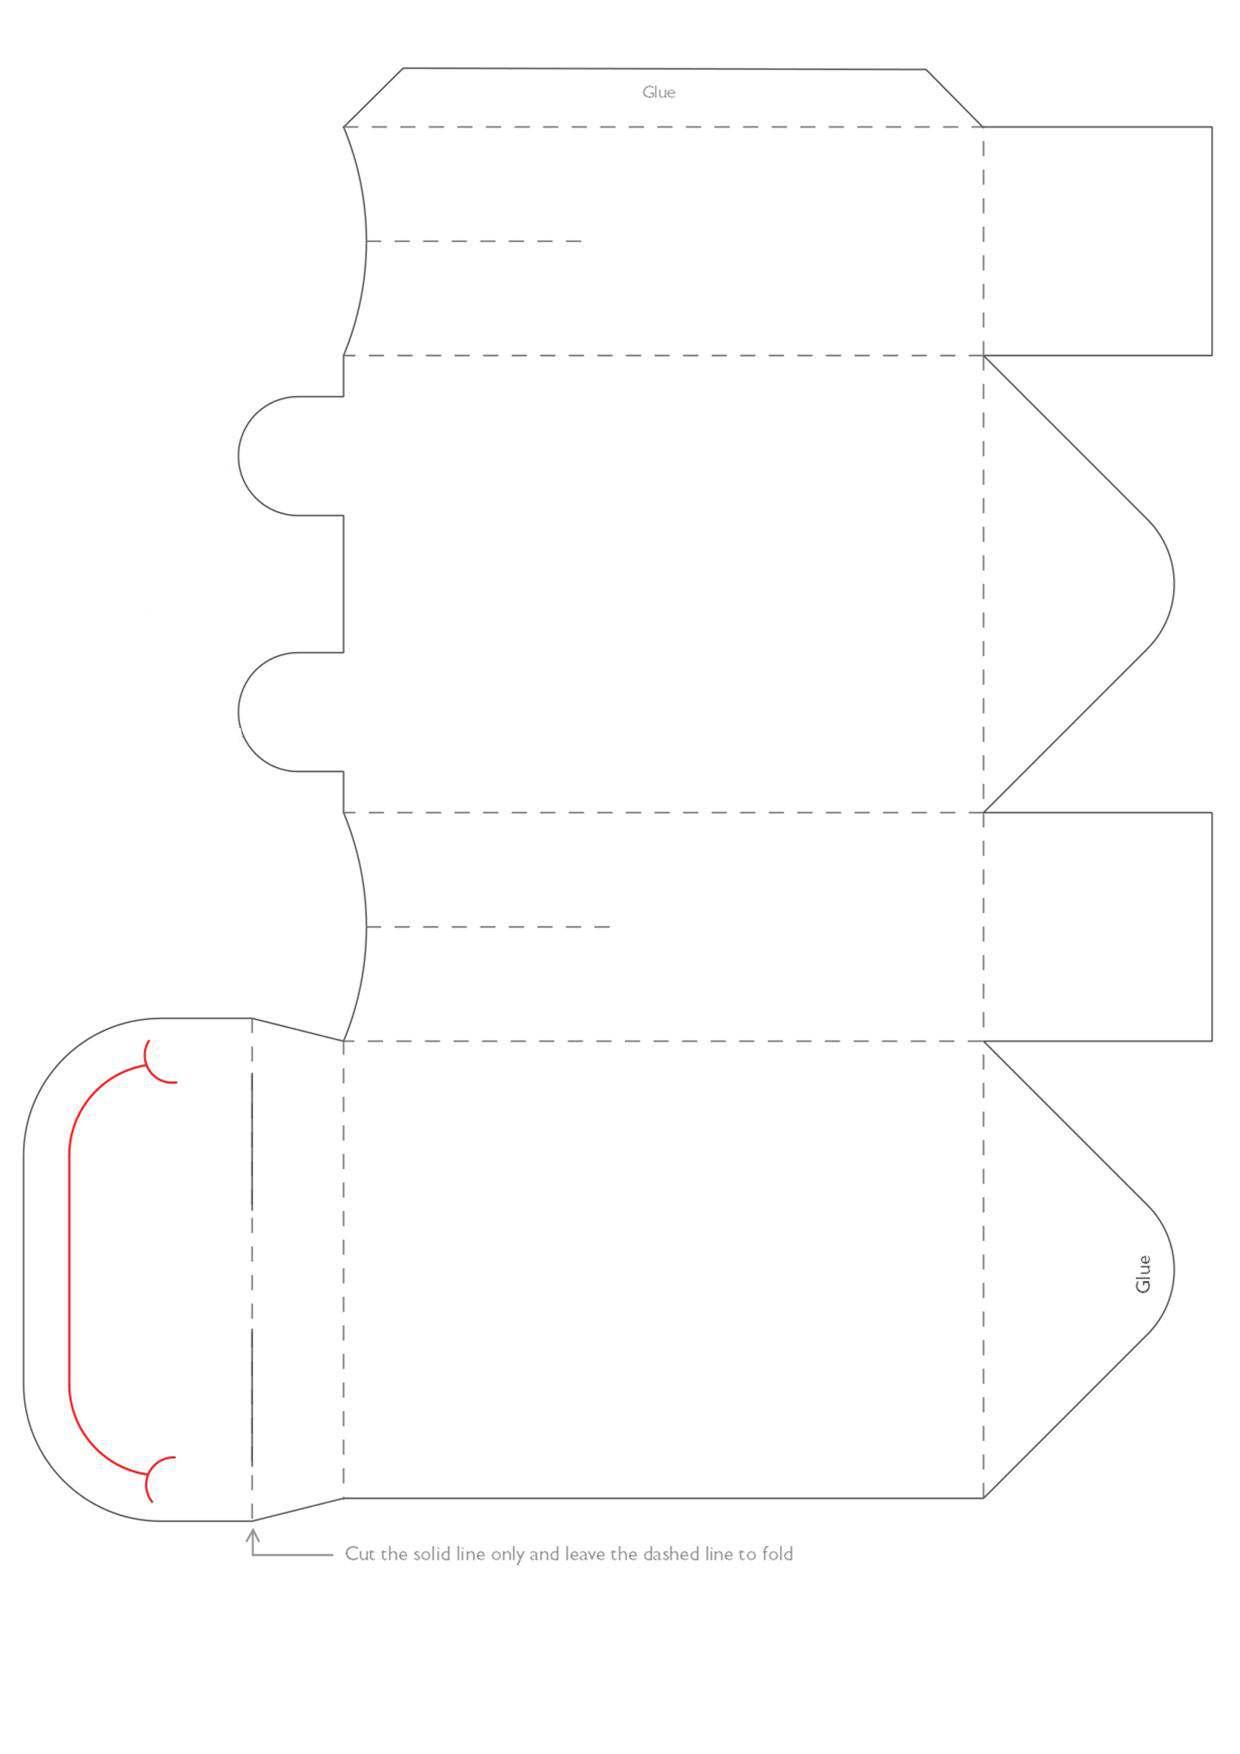 الگوی ساخت جعبه کادو به شکل قورباغه